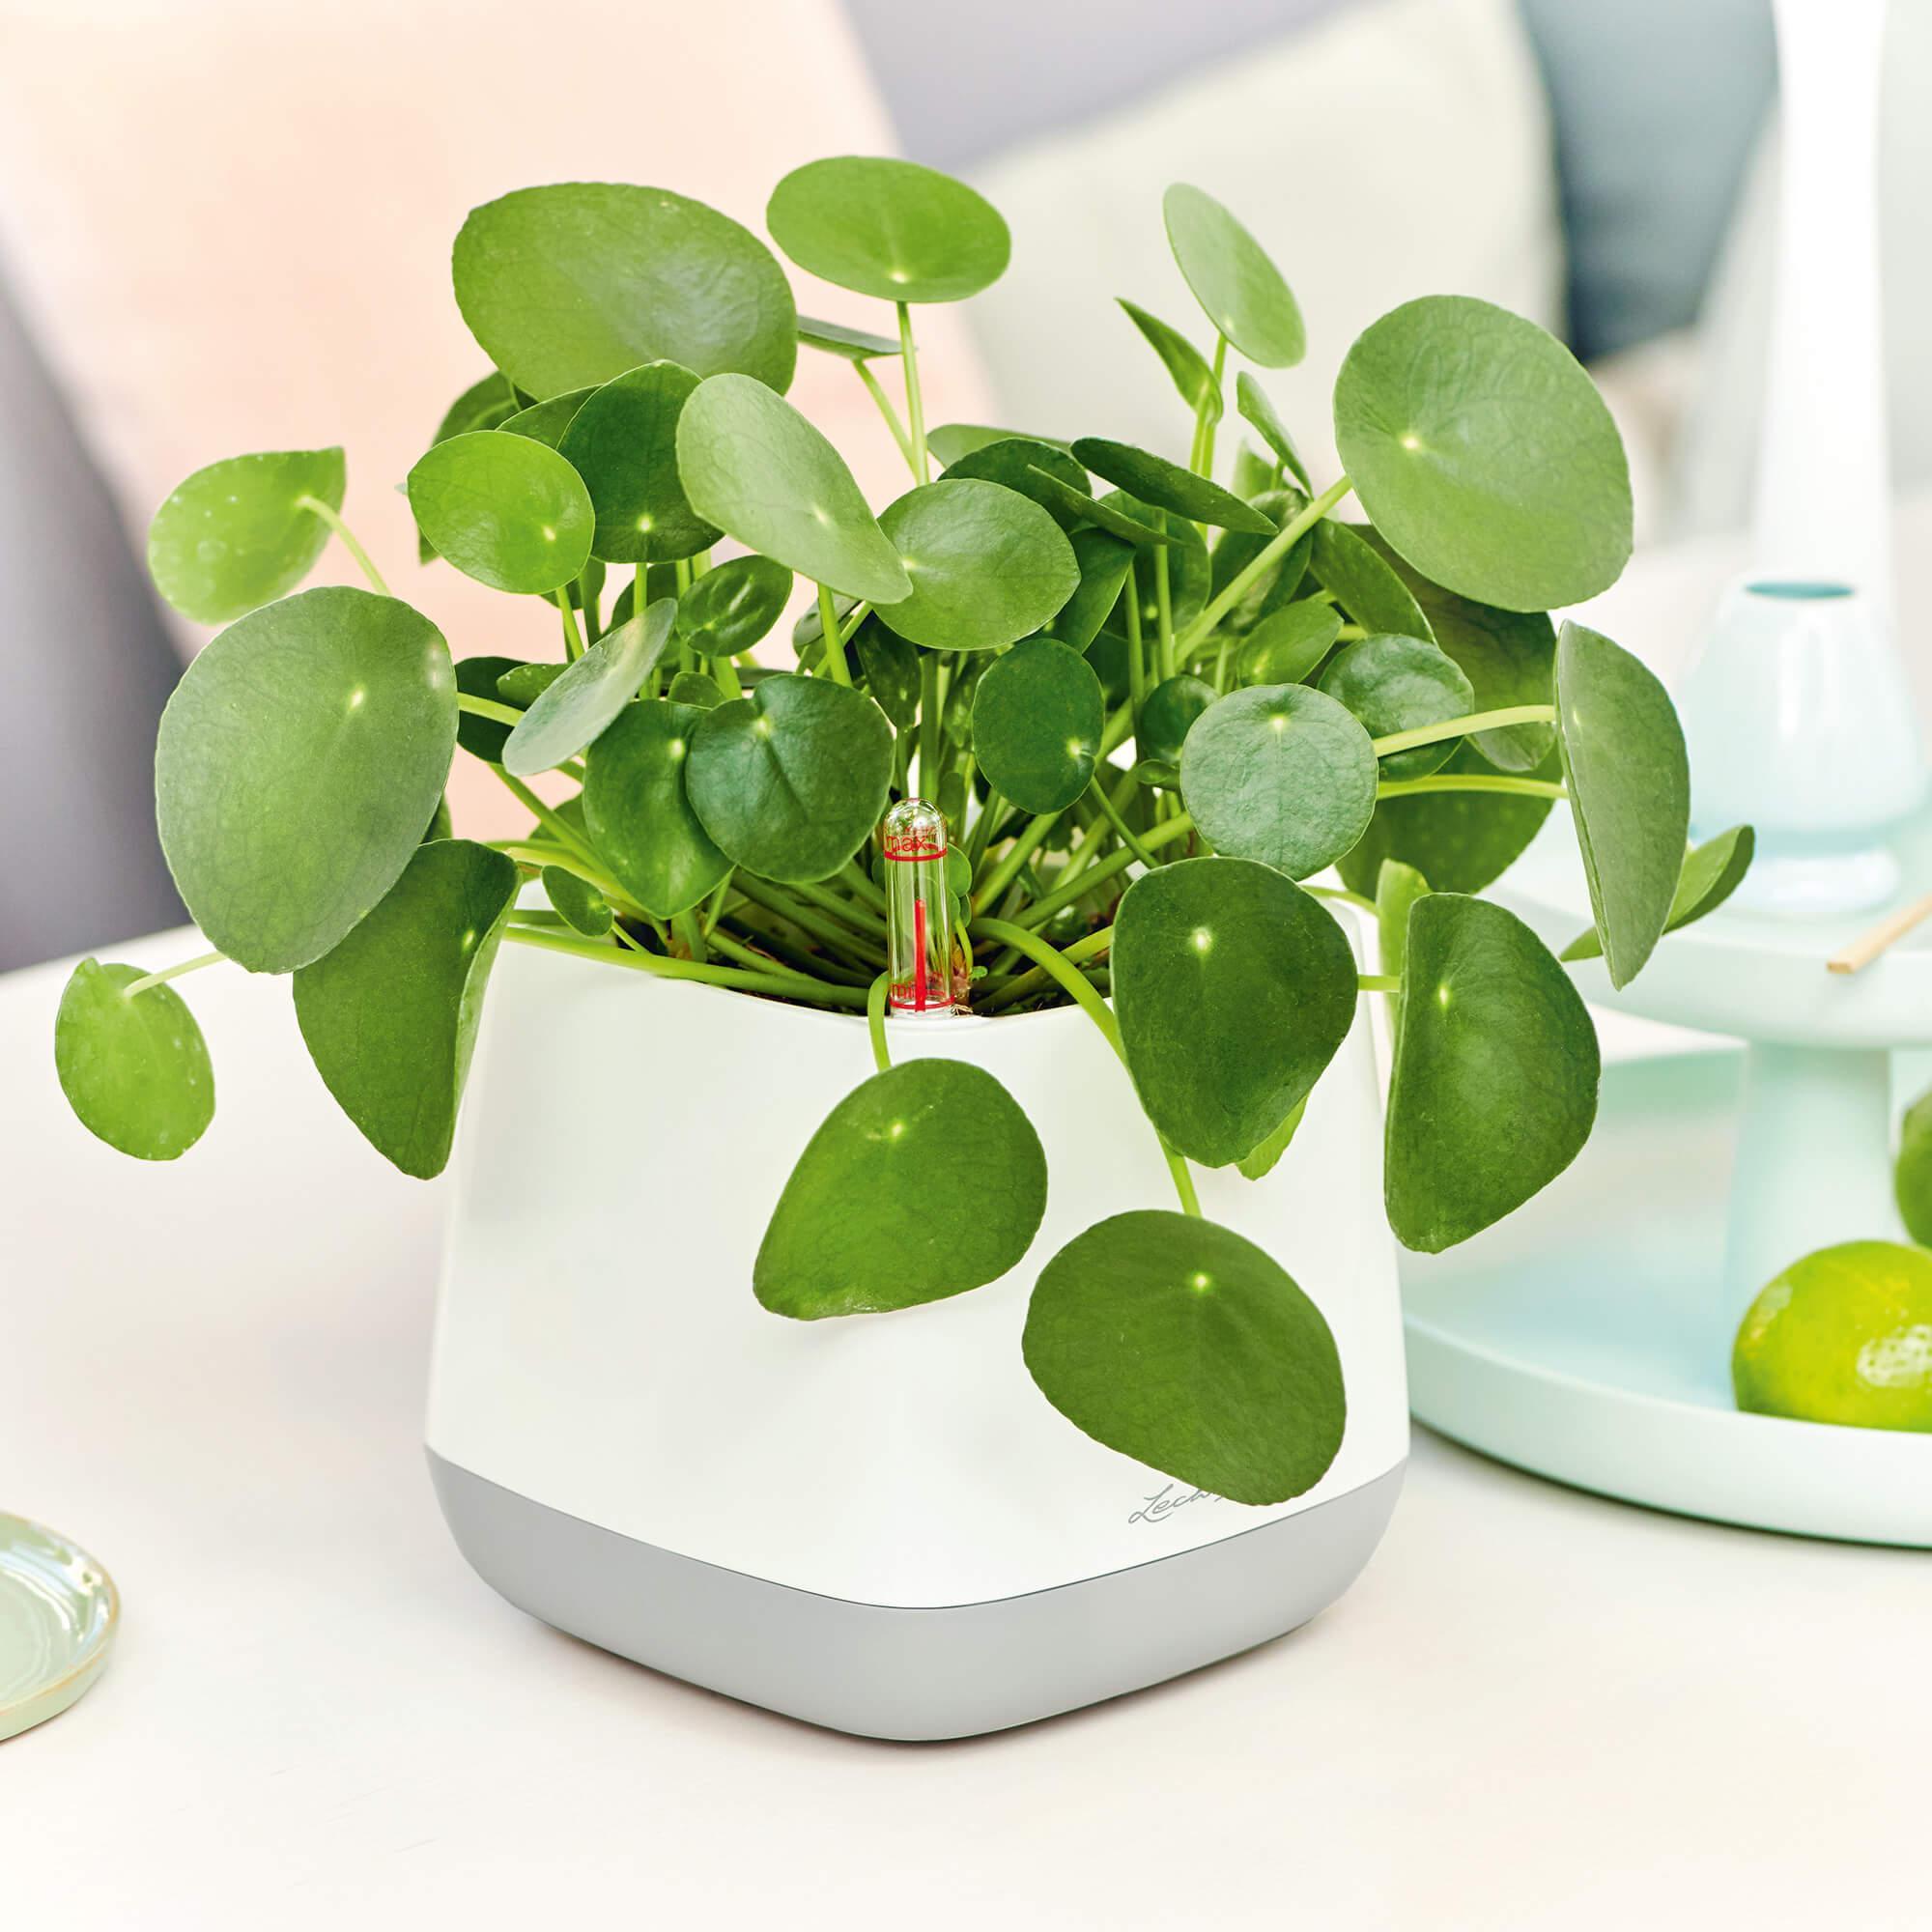 Maceta YULA blanco/verde pistacho satinado - Imagen 6